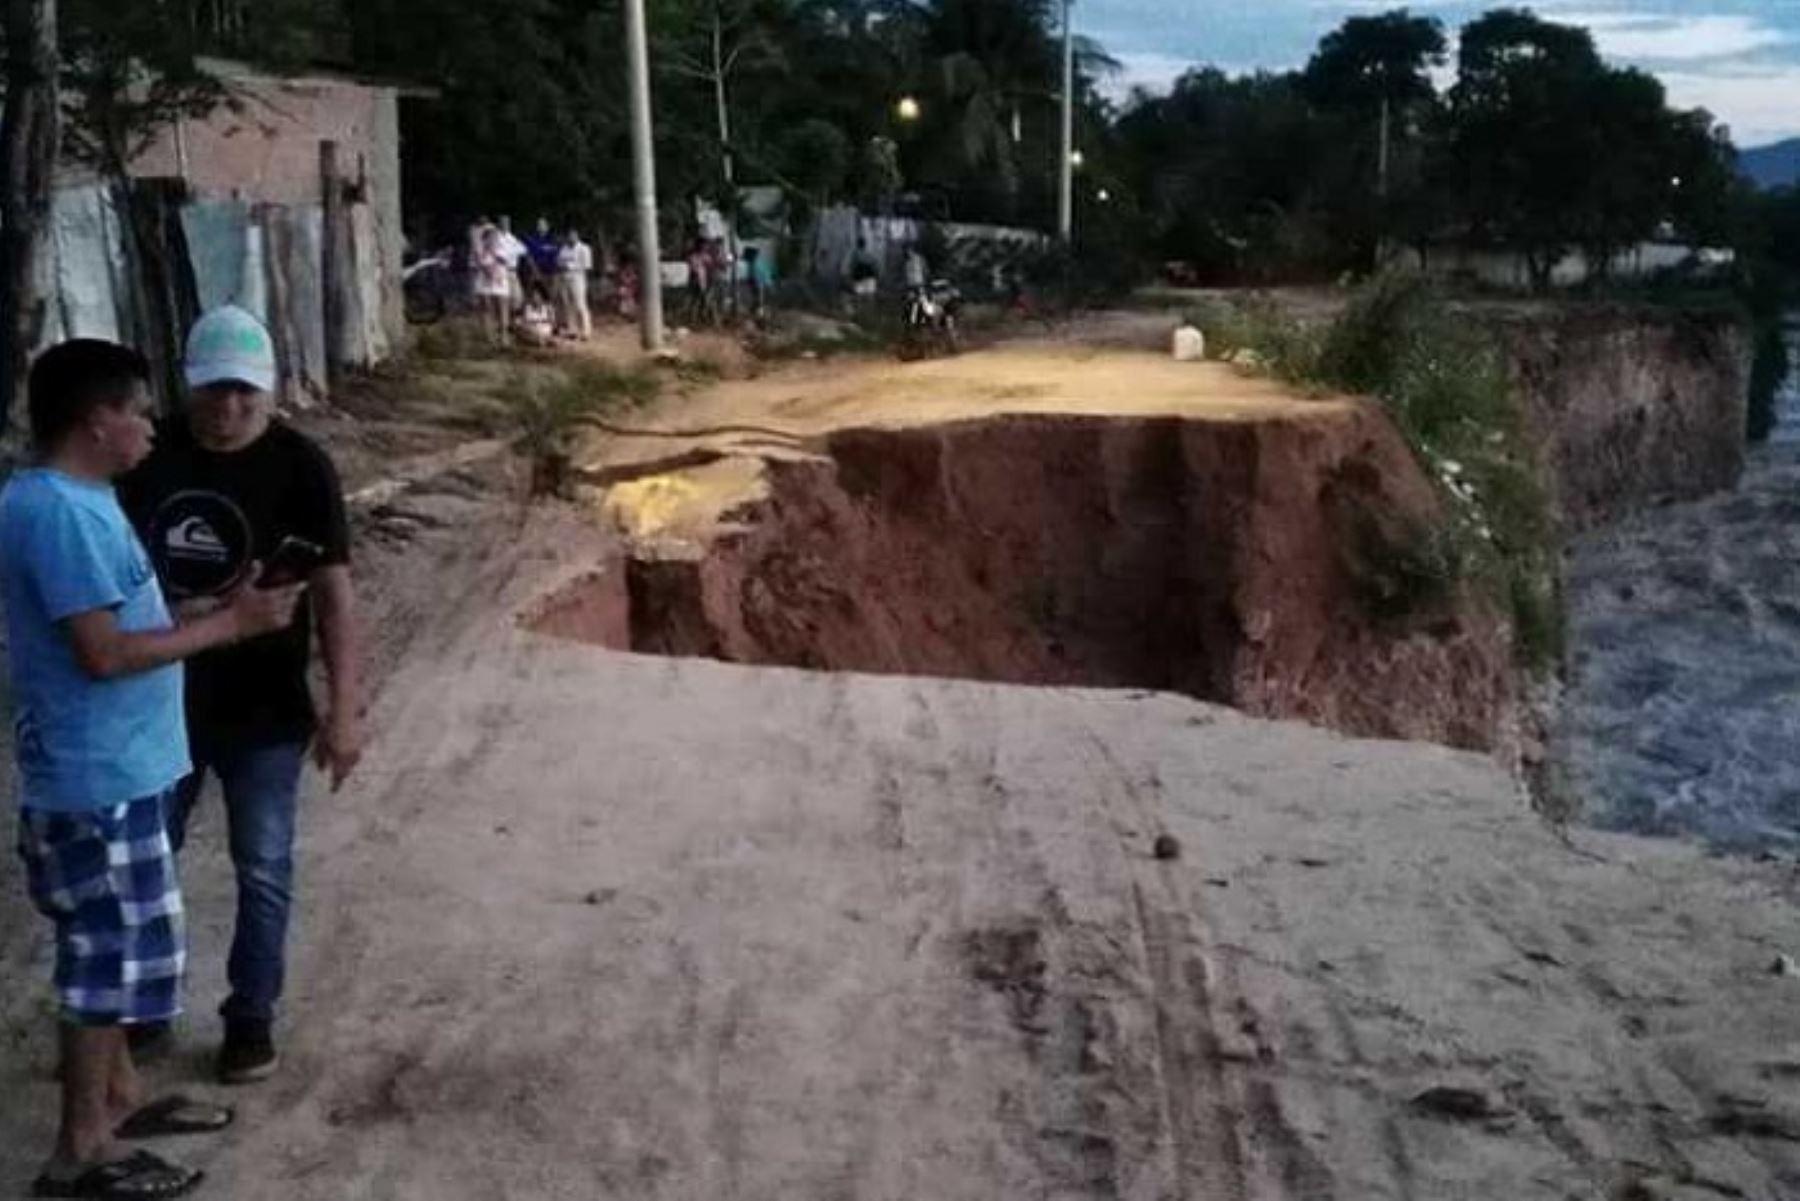 Las intensas lluvias que cayeron en los últimos días en la provincia Mariscal Cáceres, al sur de la región San Martín, destruyeron carreteras vecinales que dejaron aisladas a ocho comunidades donde se produce en gran cantidad el cacao. Los pobladores claman ayuda para poder salvar su producción.